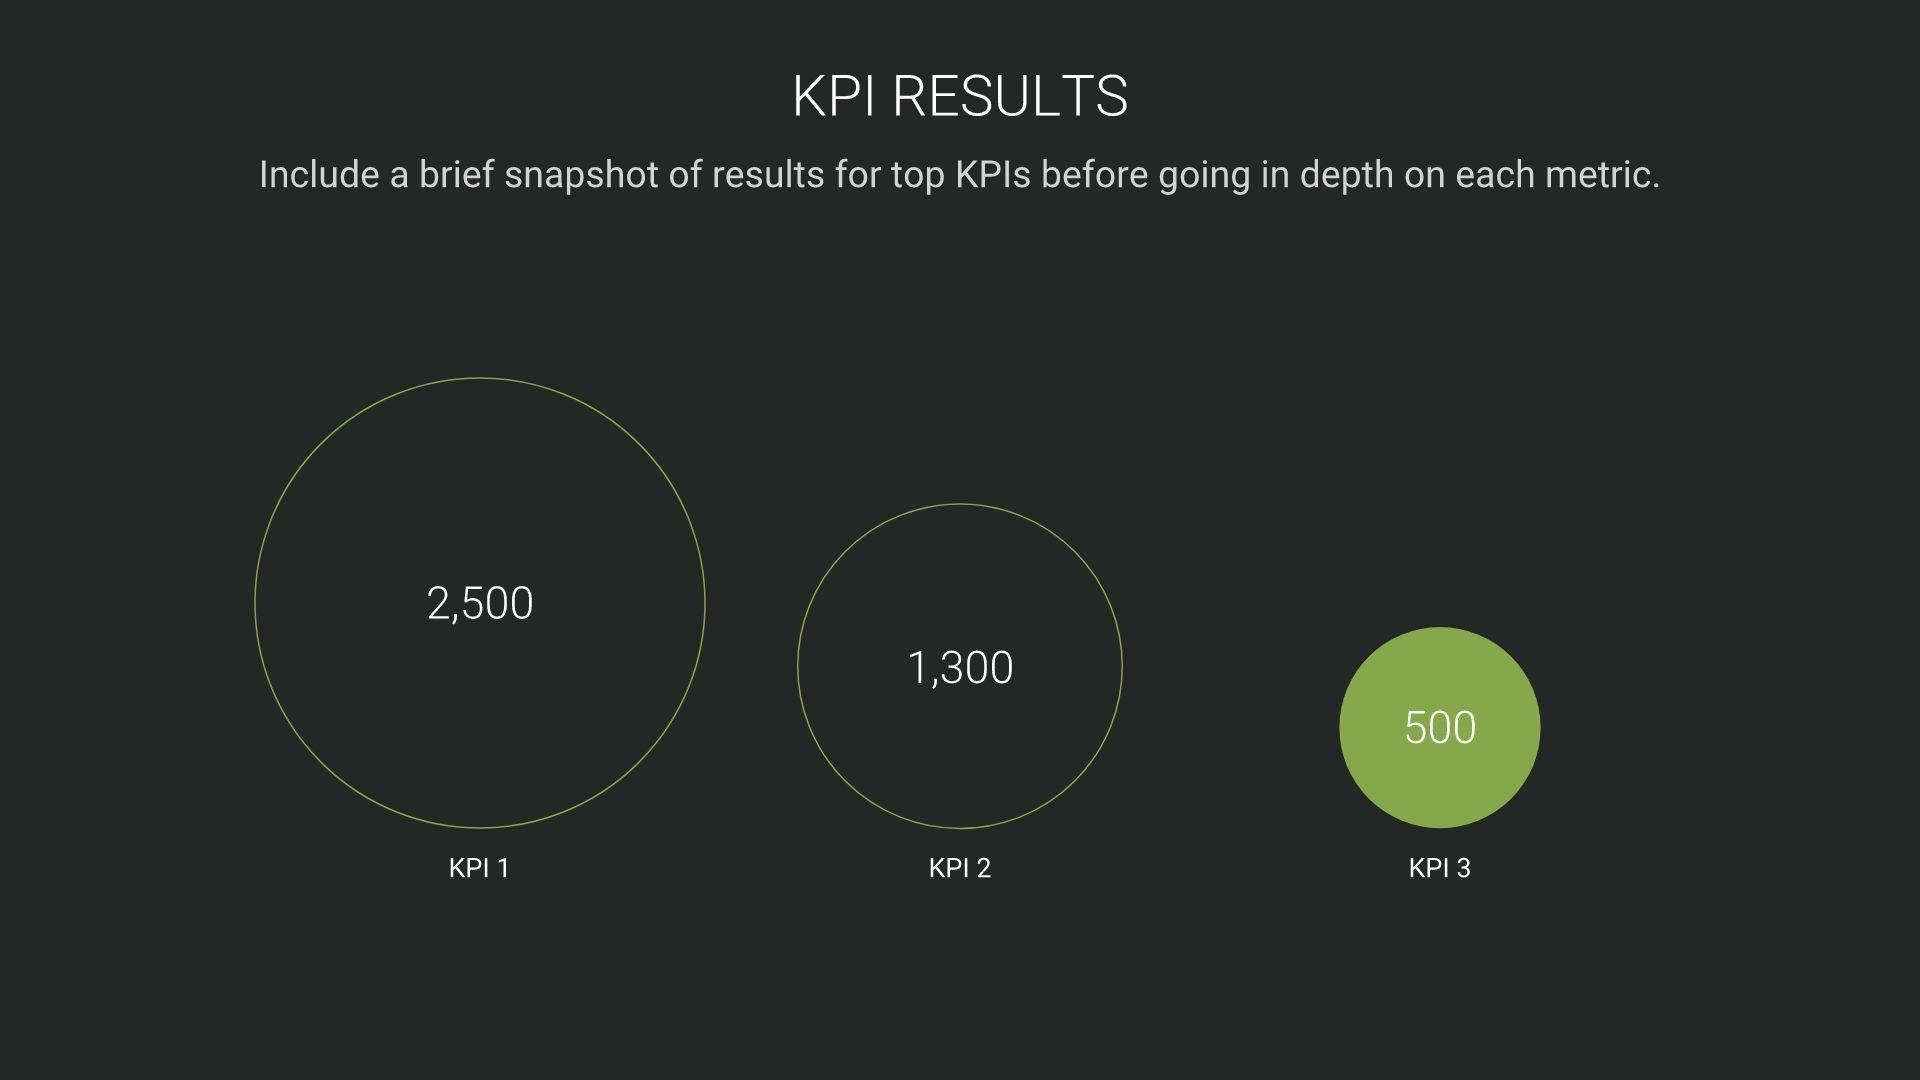 KPI Results